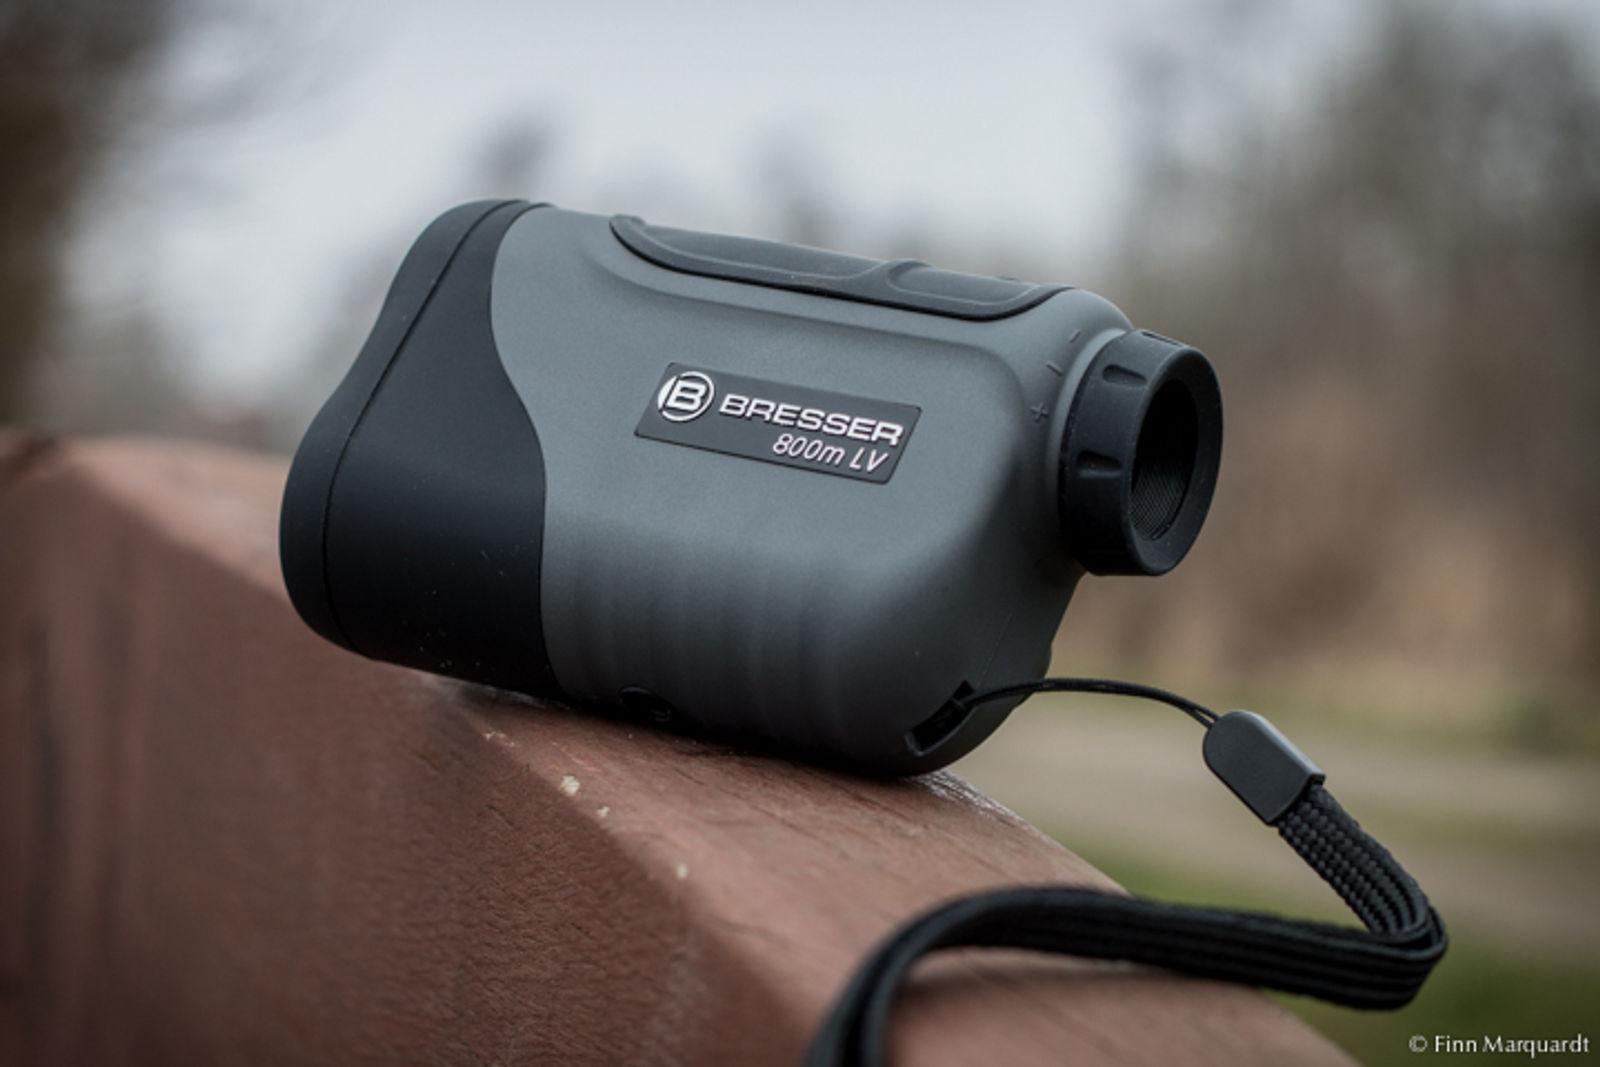 Entfernungsmesser Jagd Günstig : Entfernungsmesser m lv laserentfernungsmesser von bresser